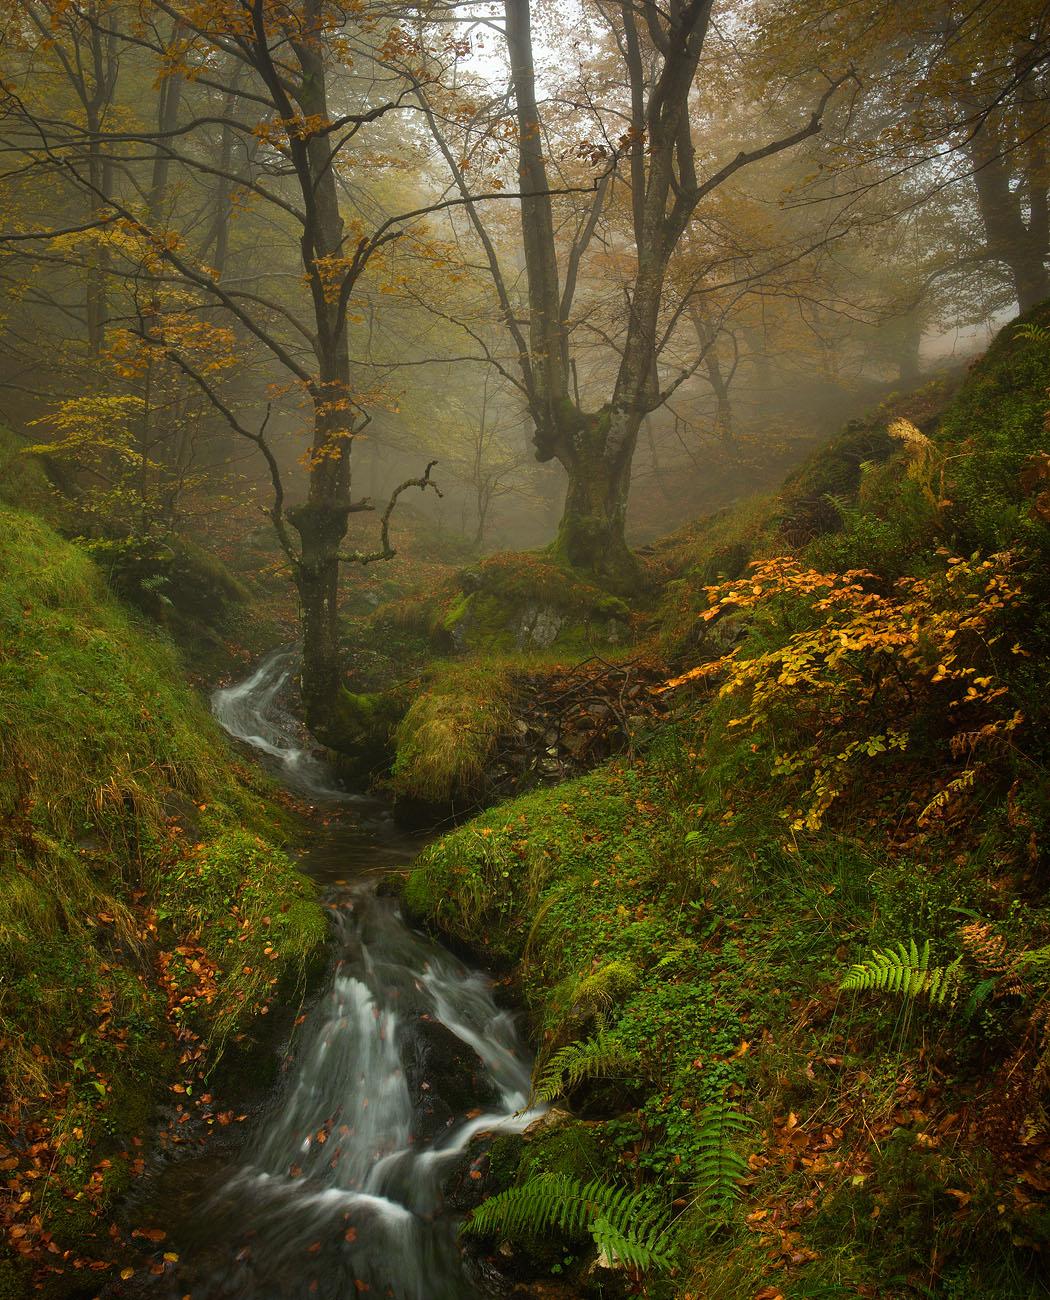 Bosque y ribera - Urtzi Vera, Arte y Naturaleza